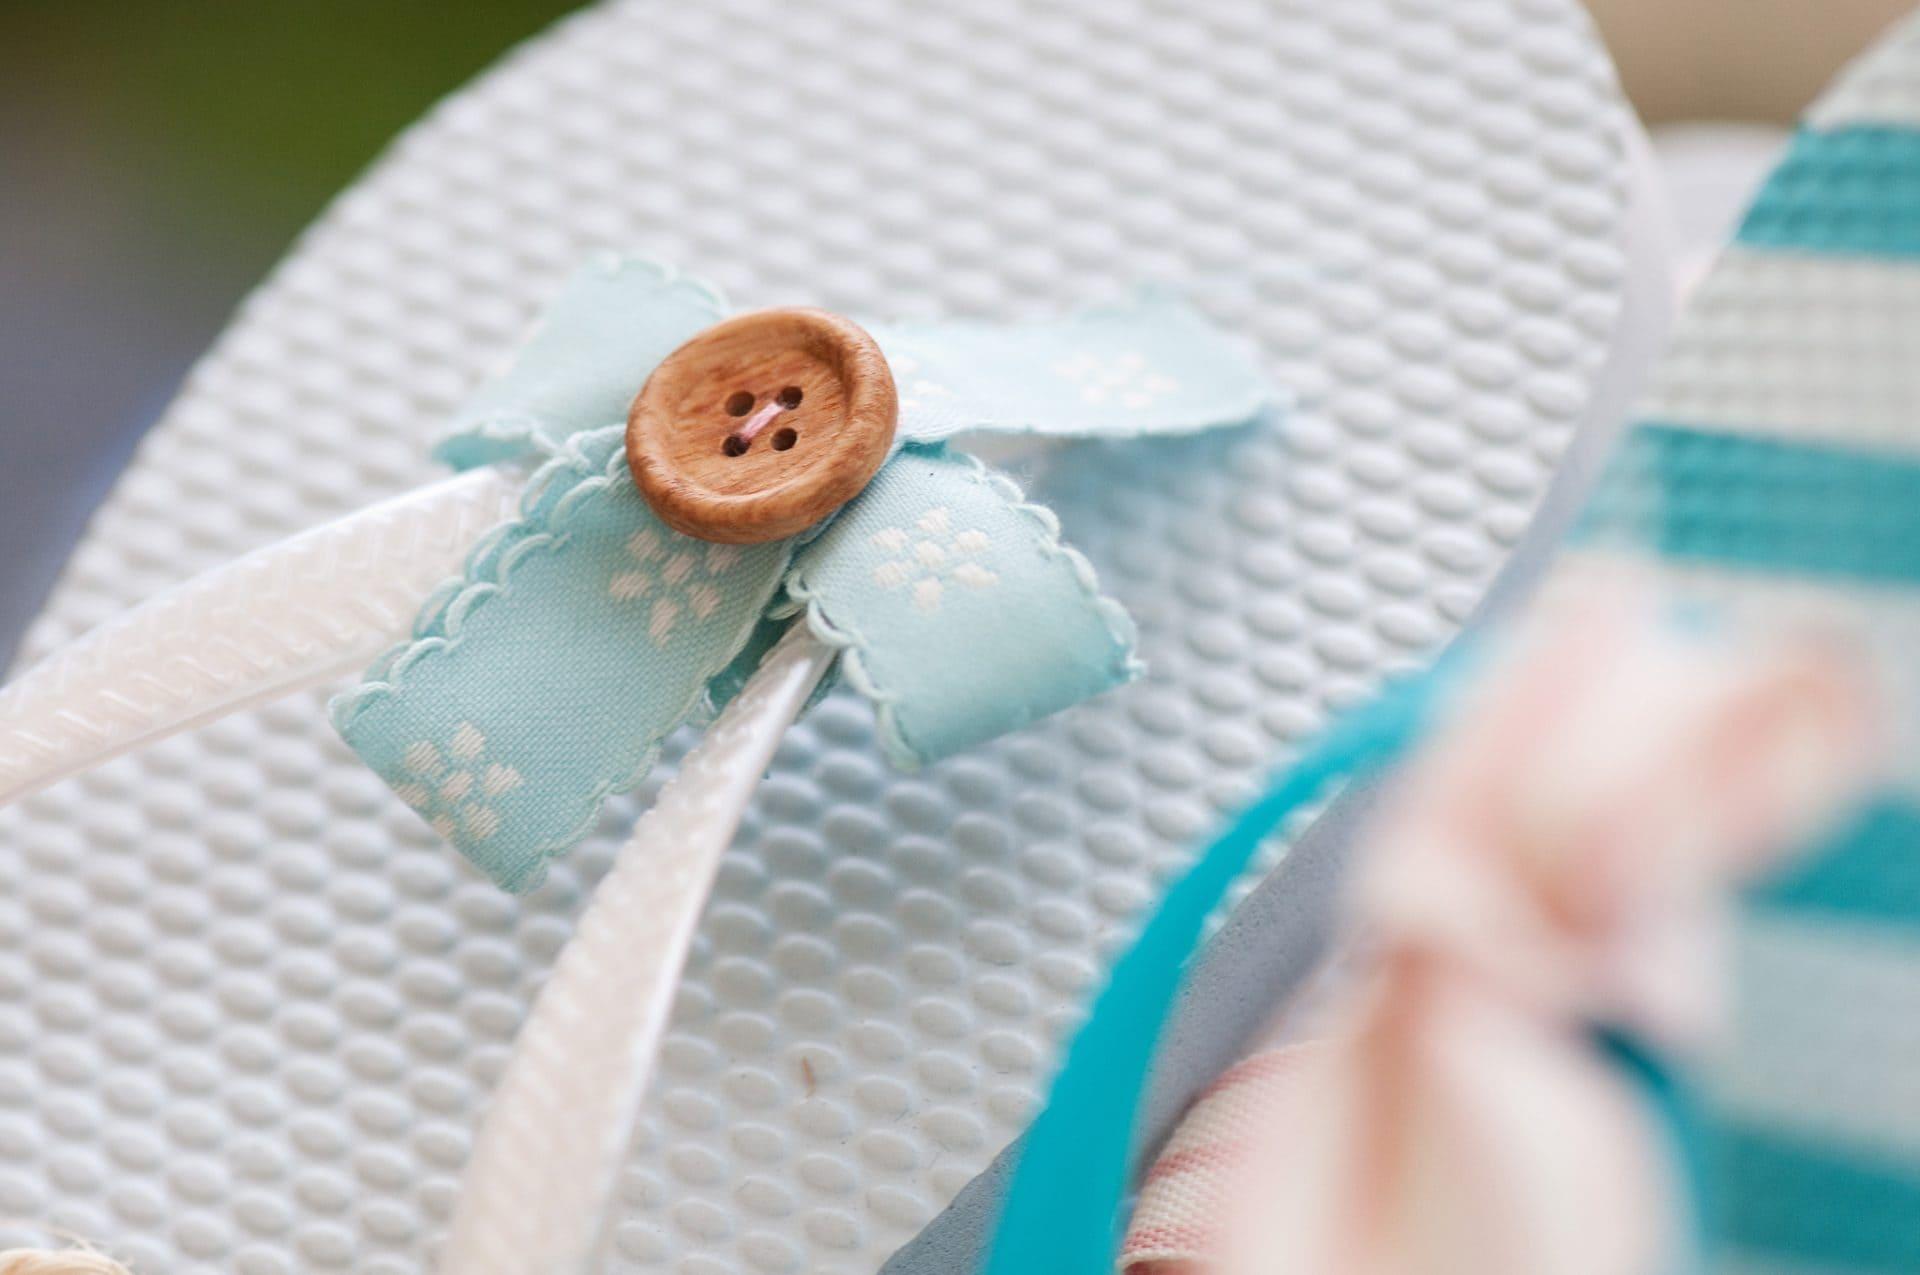 Flip flops at a wedding